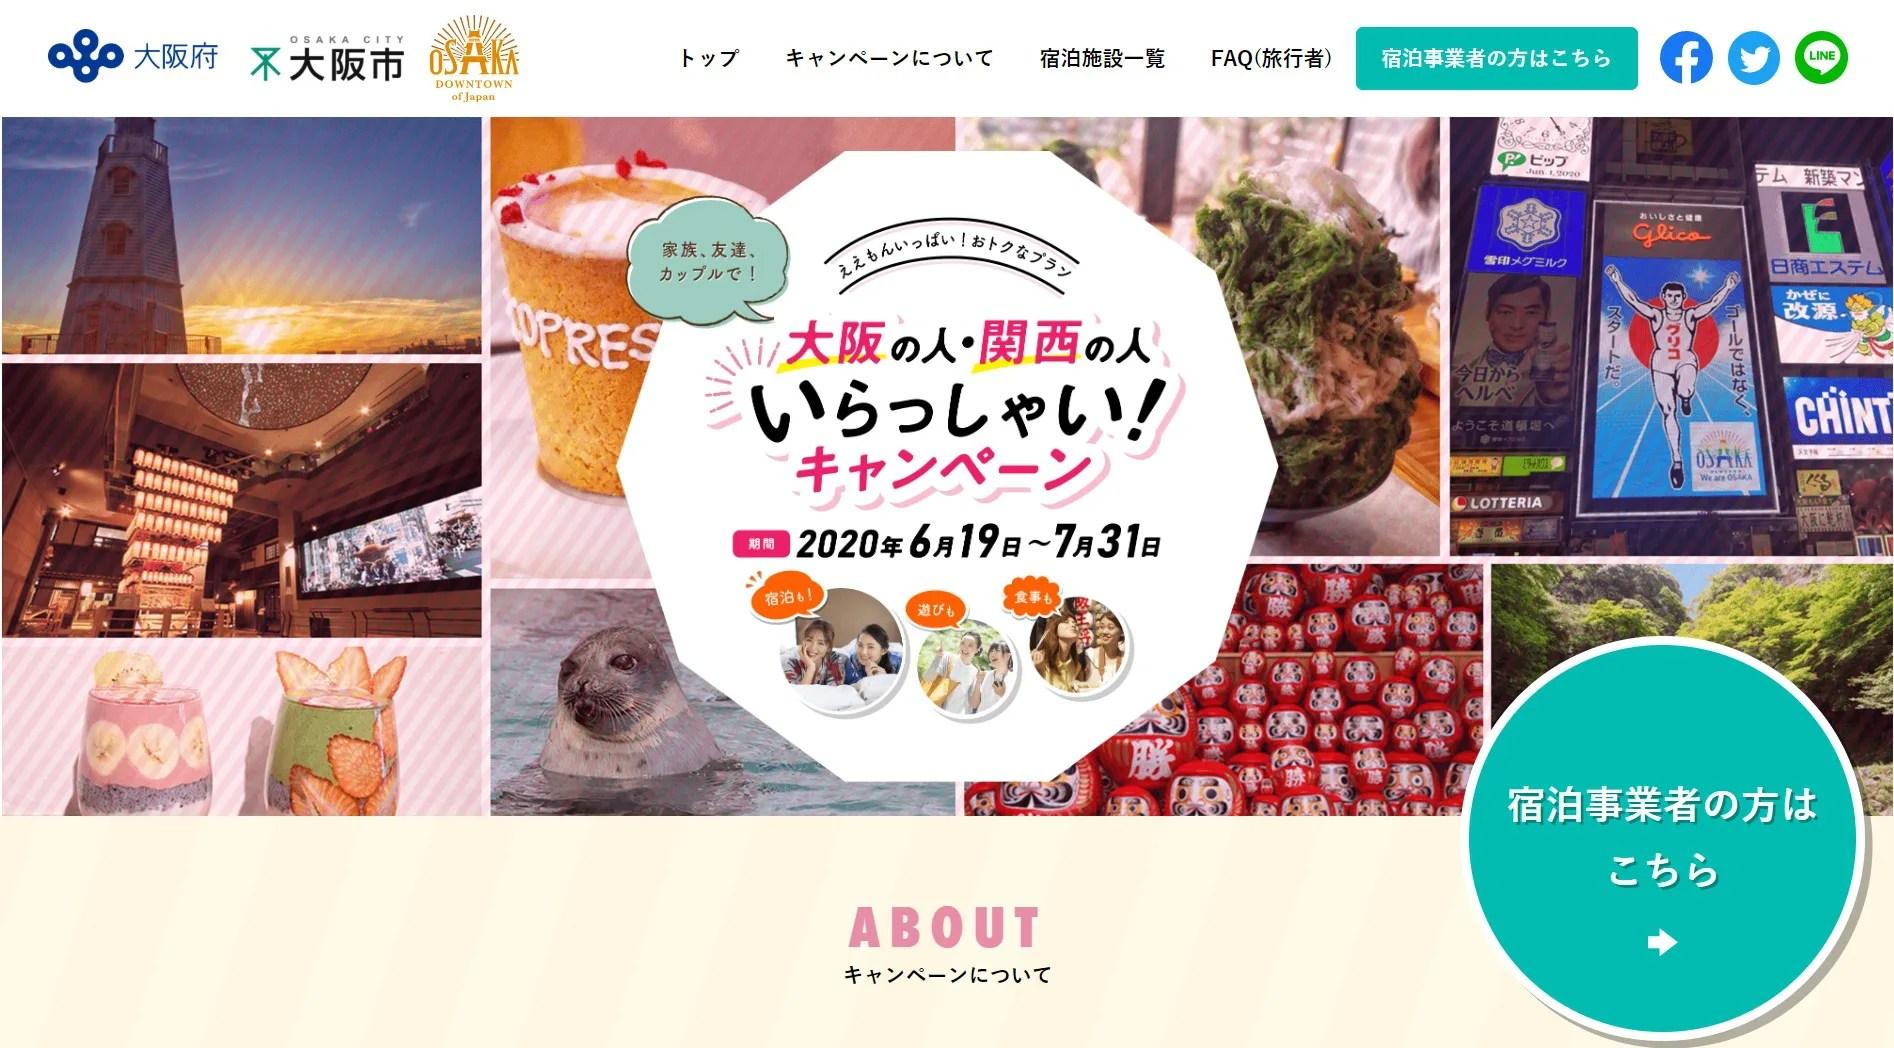 1人1泊2500円分ポイント還元「大阪の人・関西の人いらっしゃい!」キャンペーン